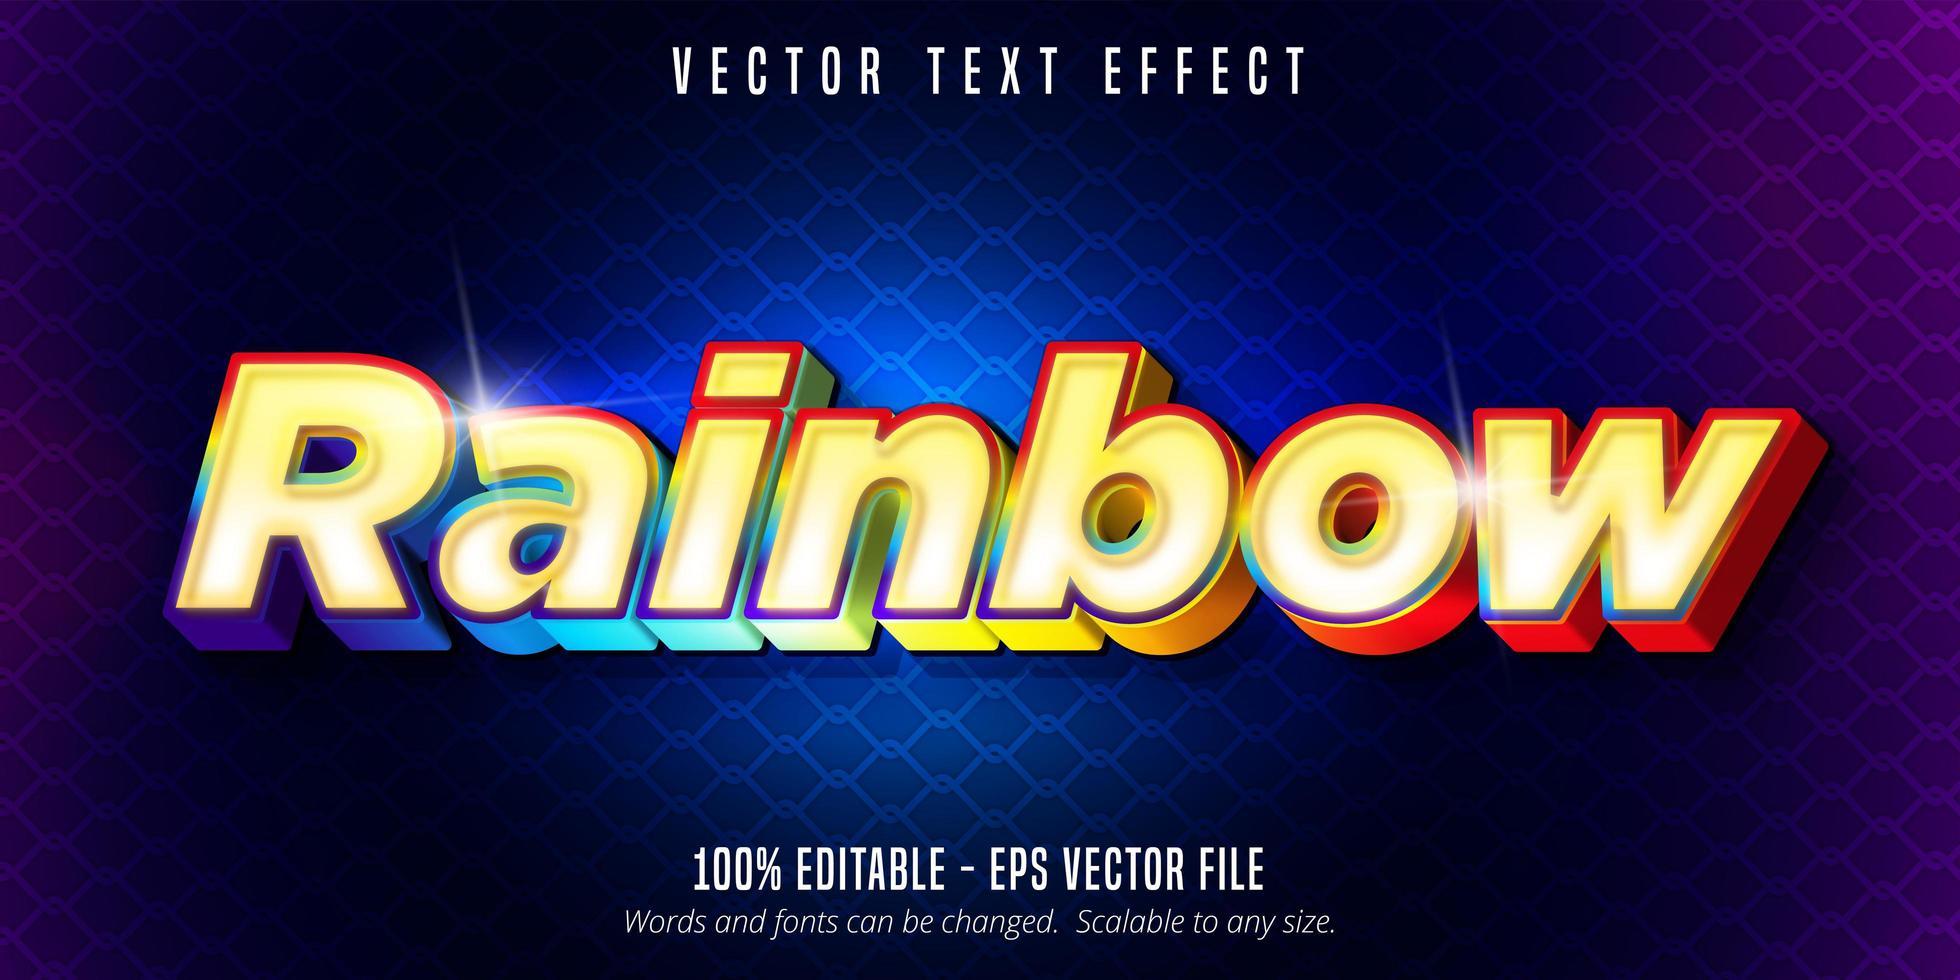 regnbågetext, glänsande färgglad texteffekt vektor